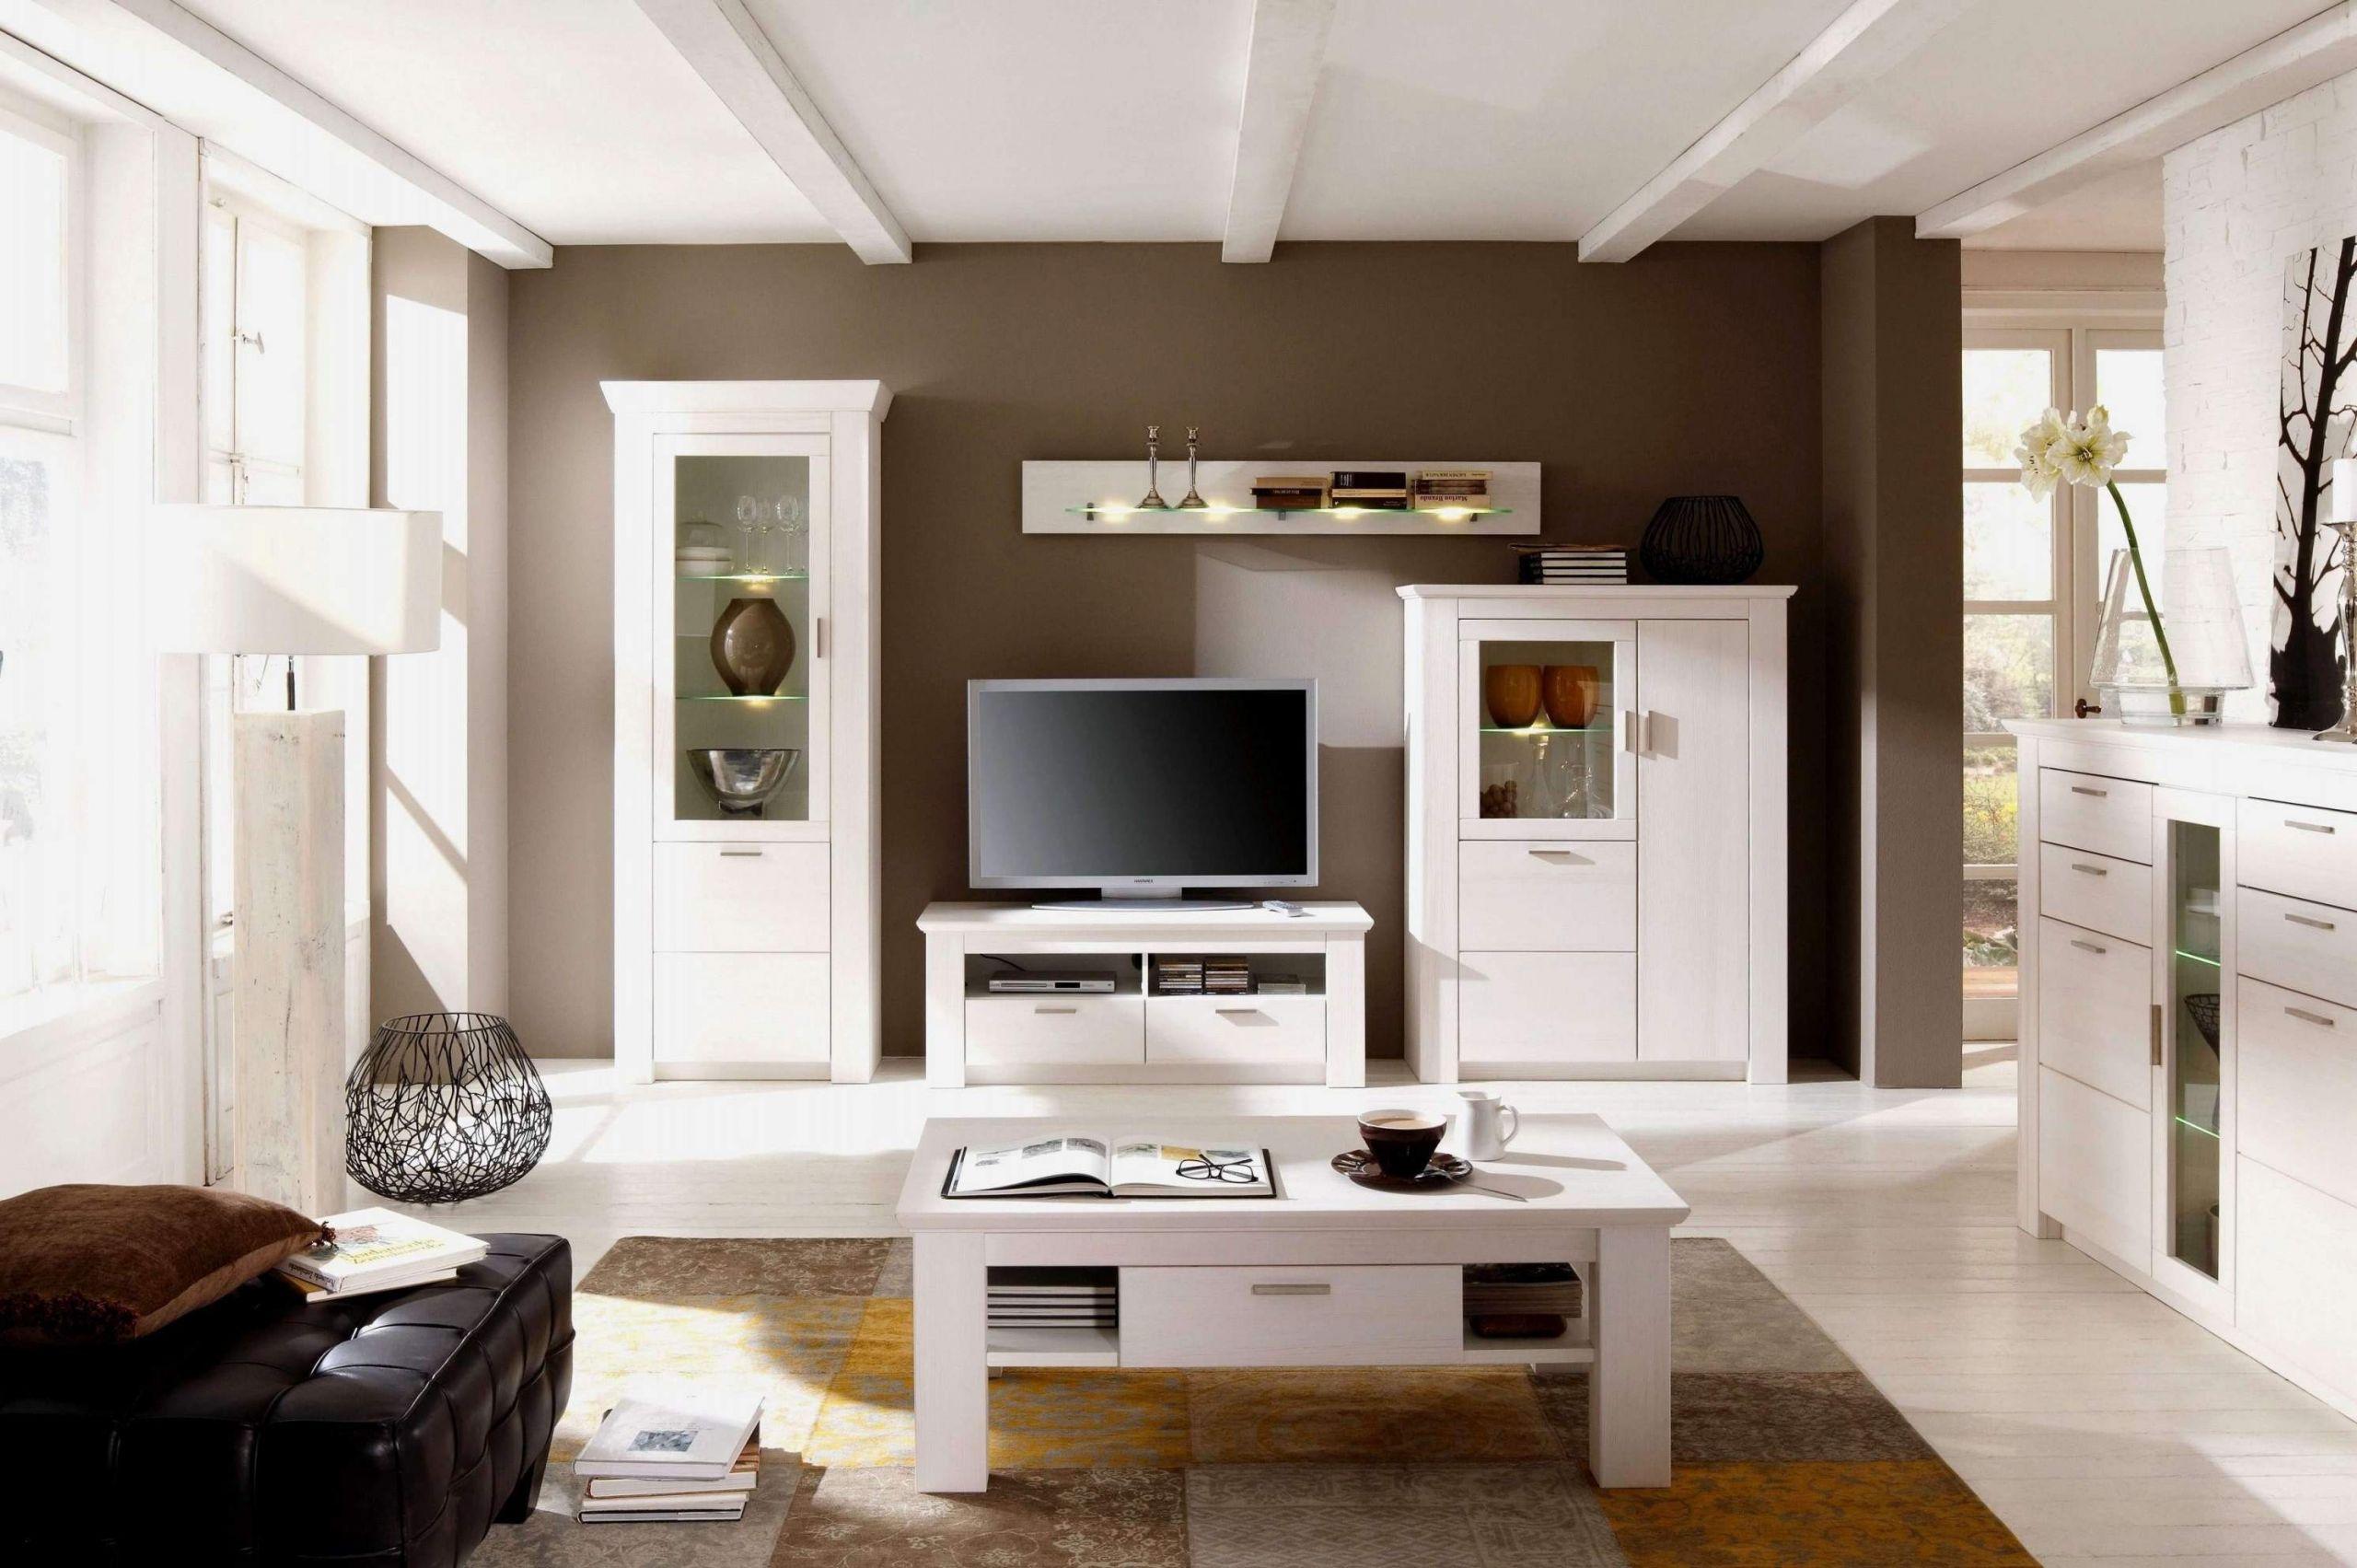 sitzgruppe wohnzimmer einzigartig wohnzimmer inspiration elegant tv lowboard holz chic of sitzgruppe wohnzimmer